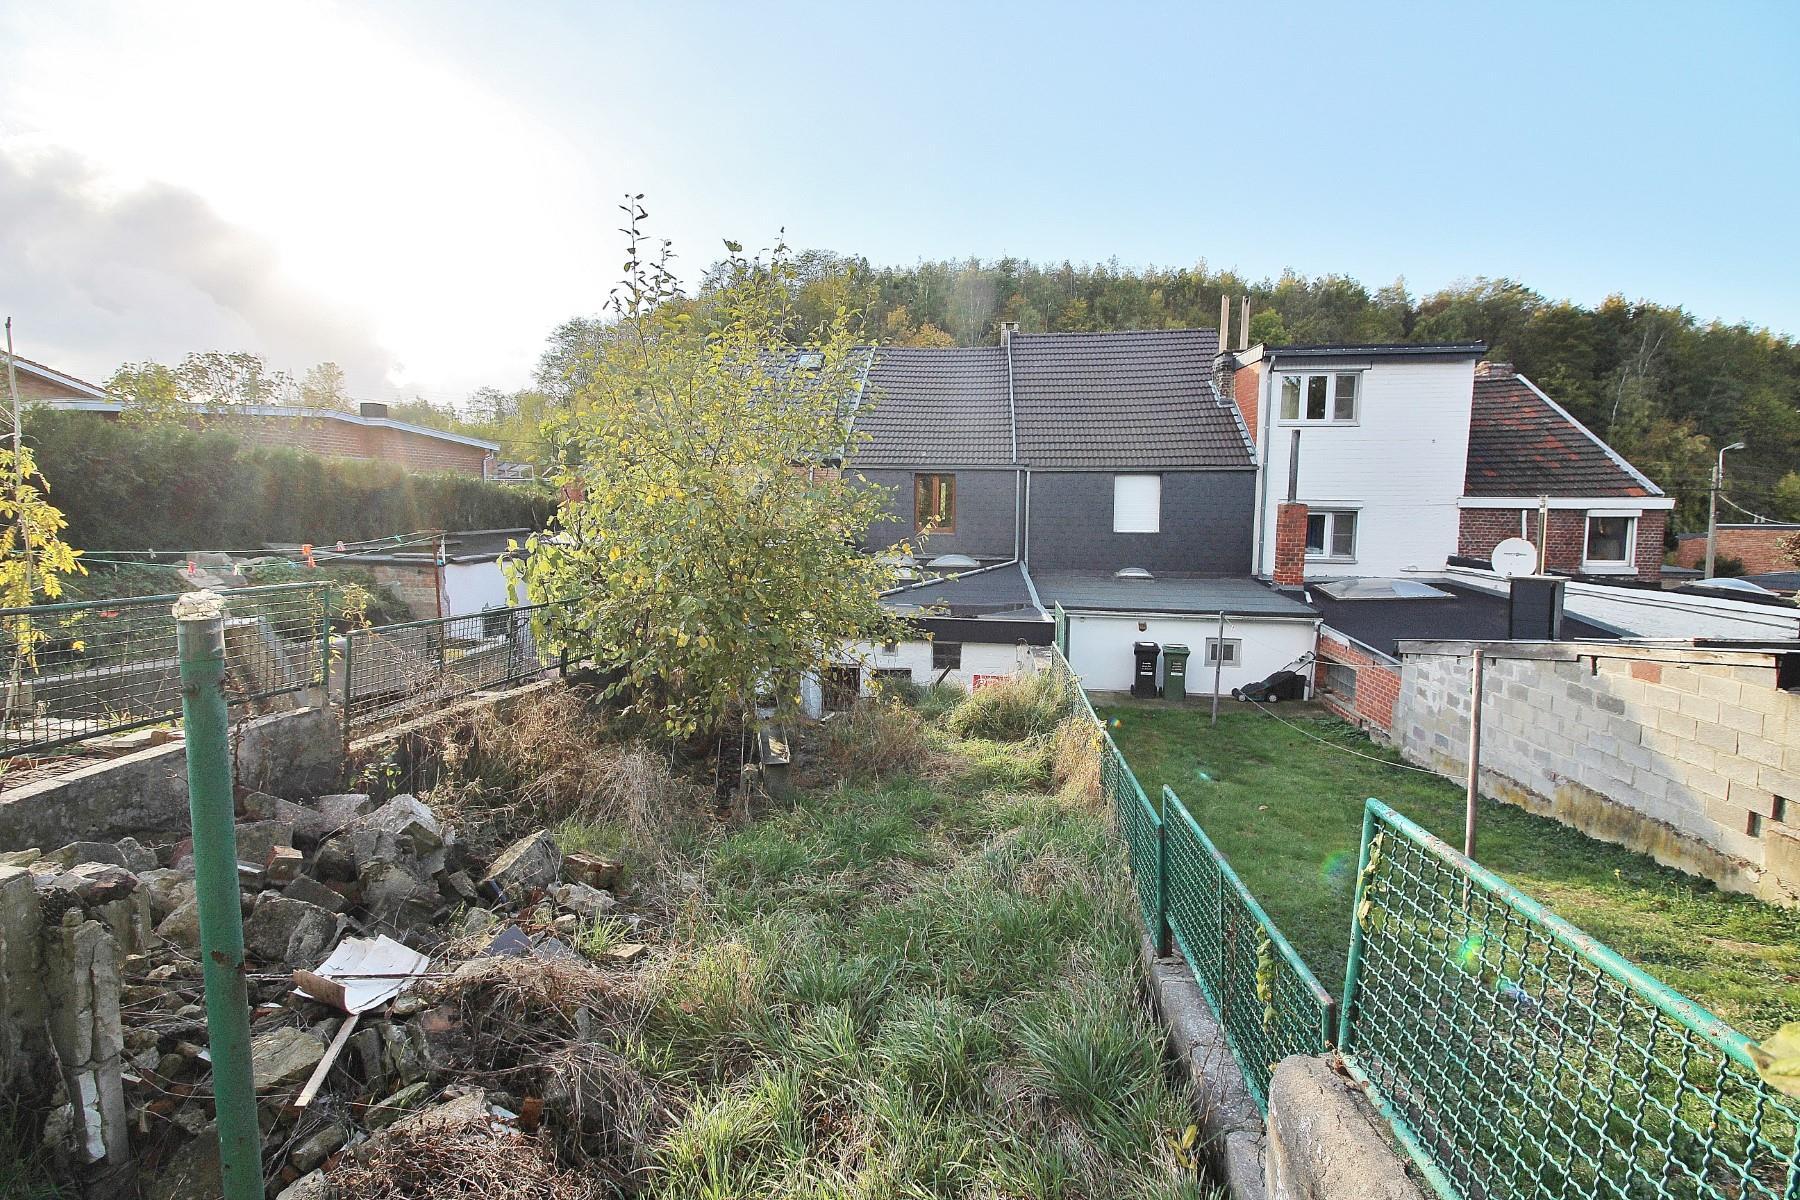 Maison - Seraing Jemeppe-sur-Meuse - #3615686-12